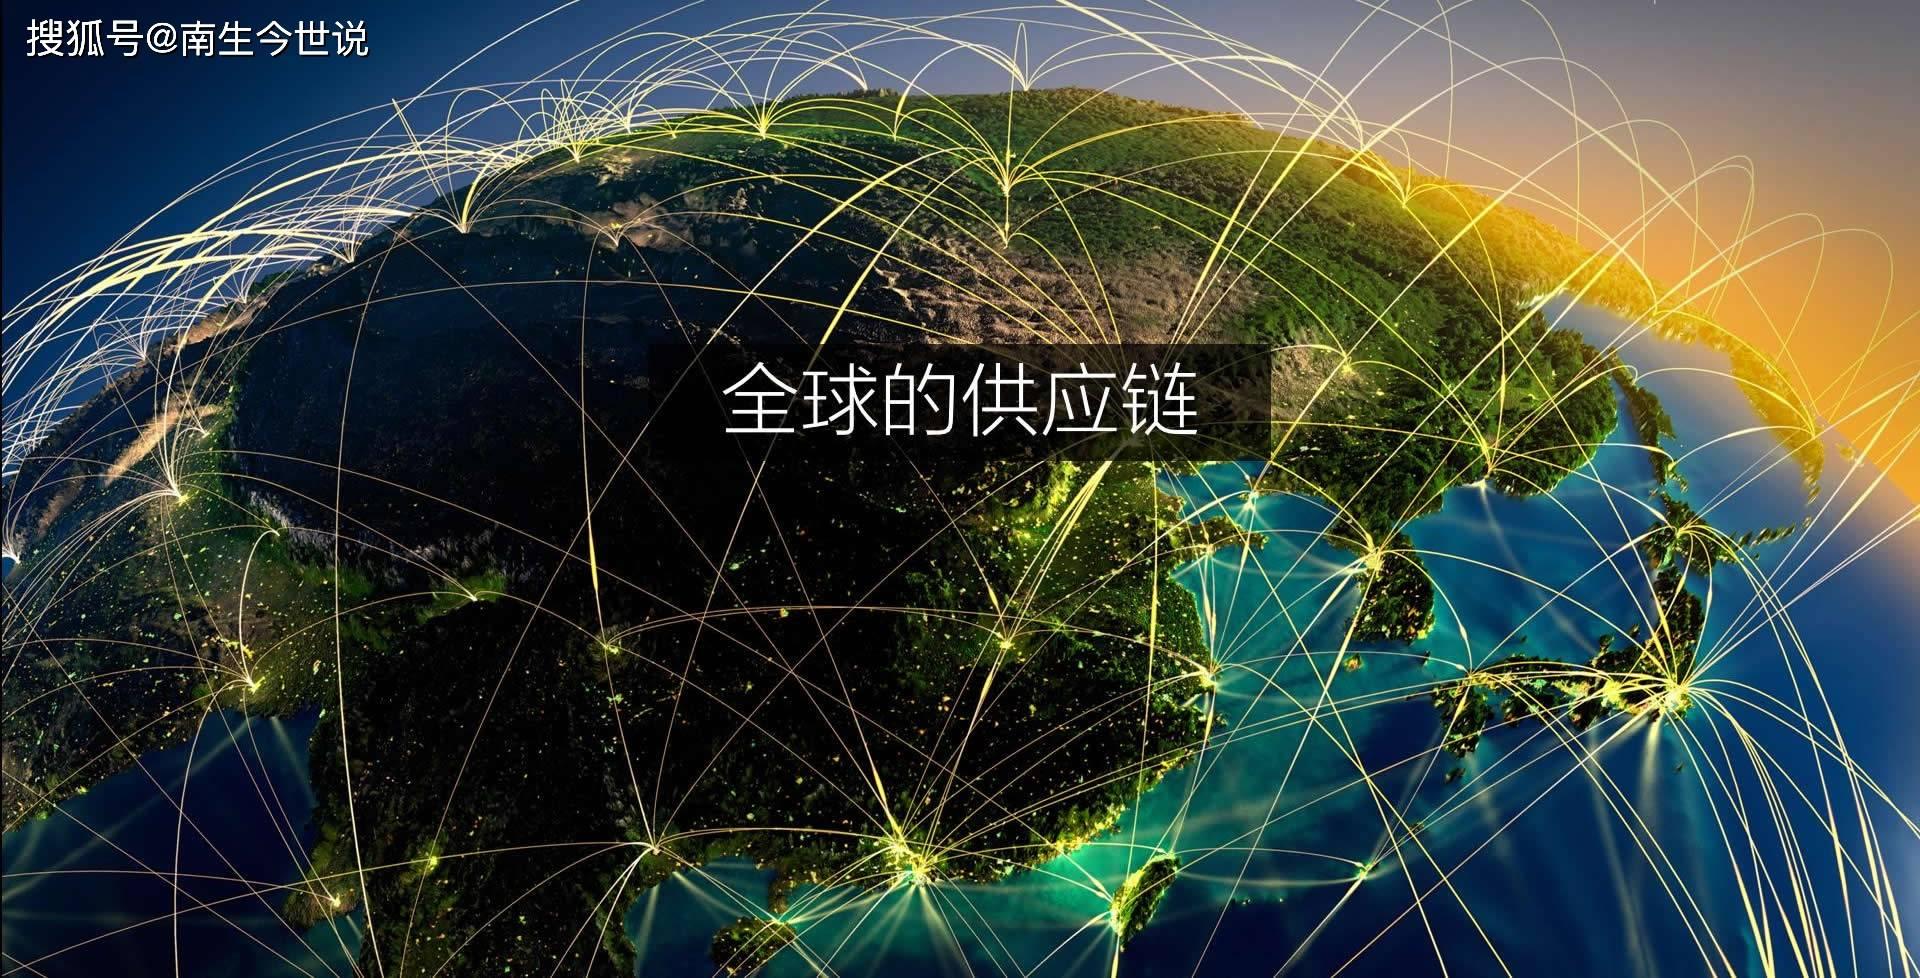 原创             80%日本企业正加强和越南、印度等国合作,希望推进供应链的重建